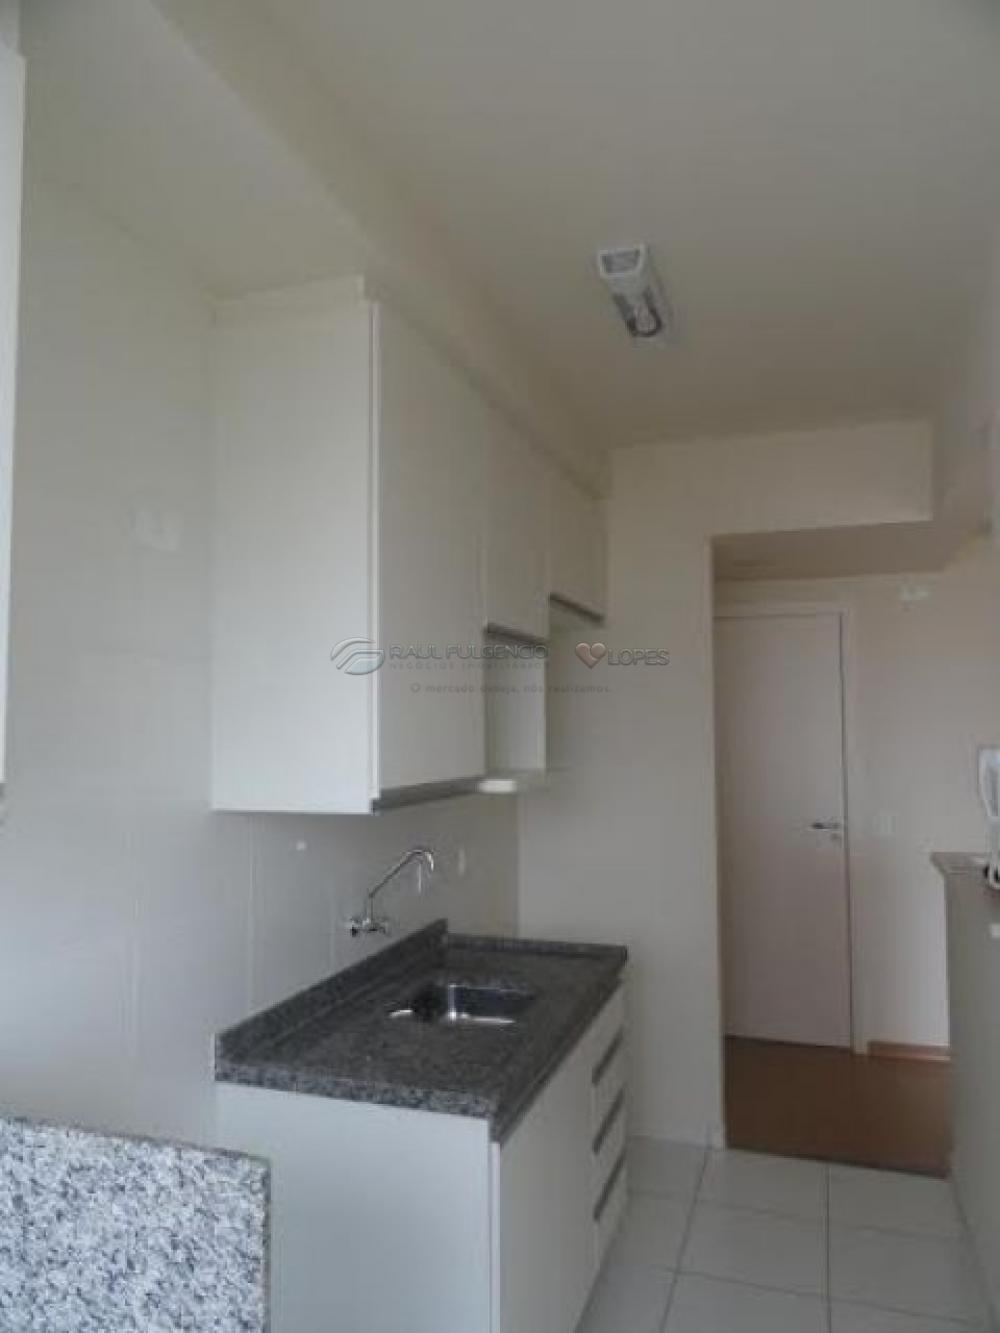 Comprar Apartamento / Padrão em Londrina R$ 305.000,00 - Foto 6